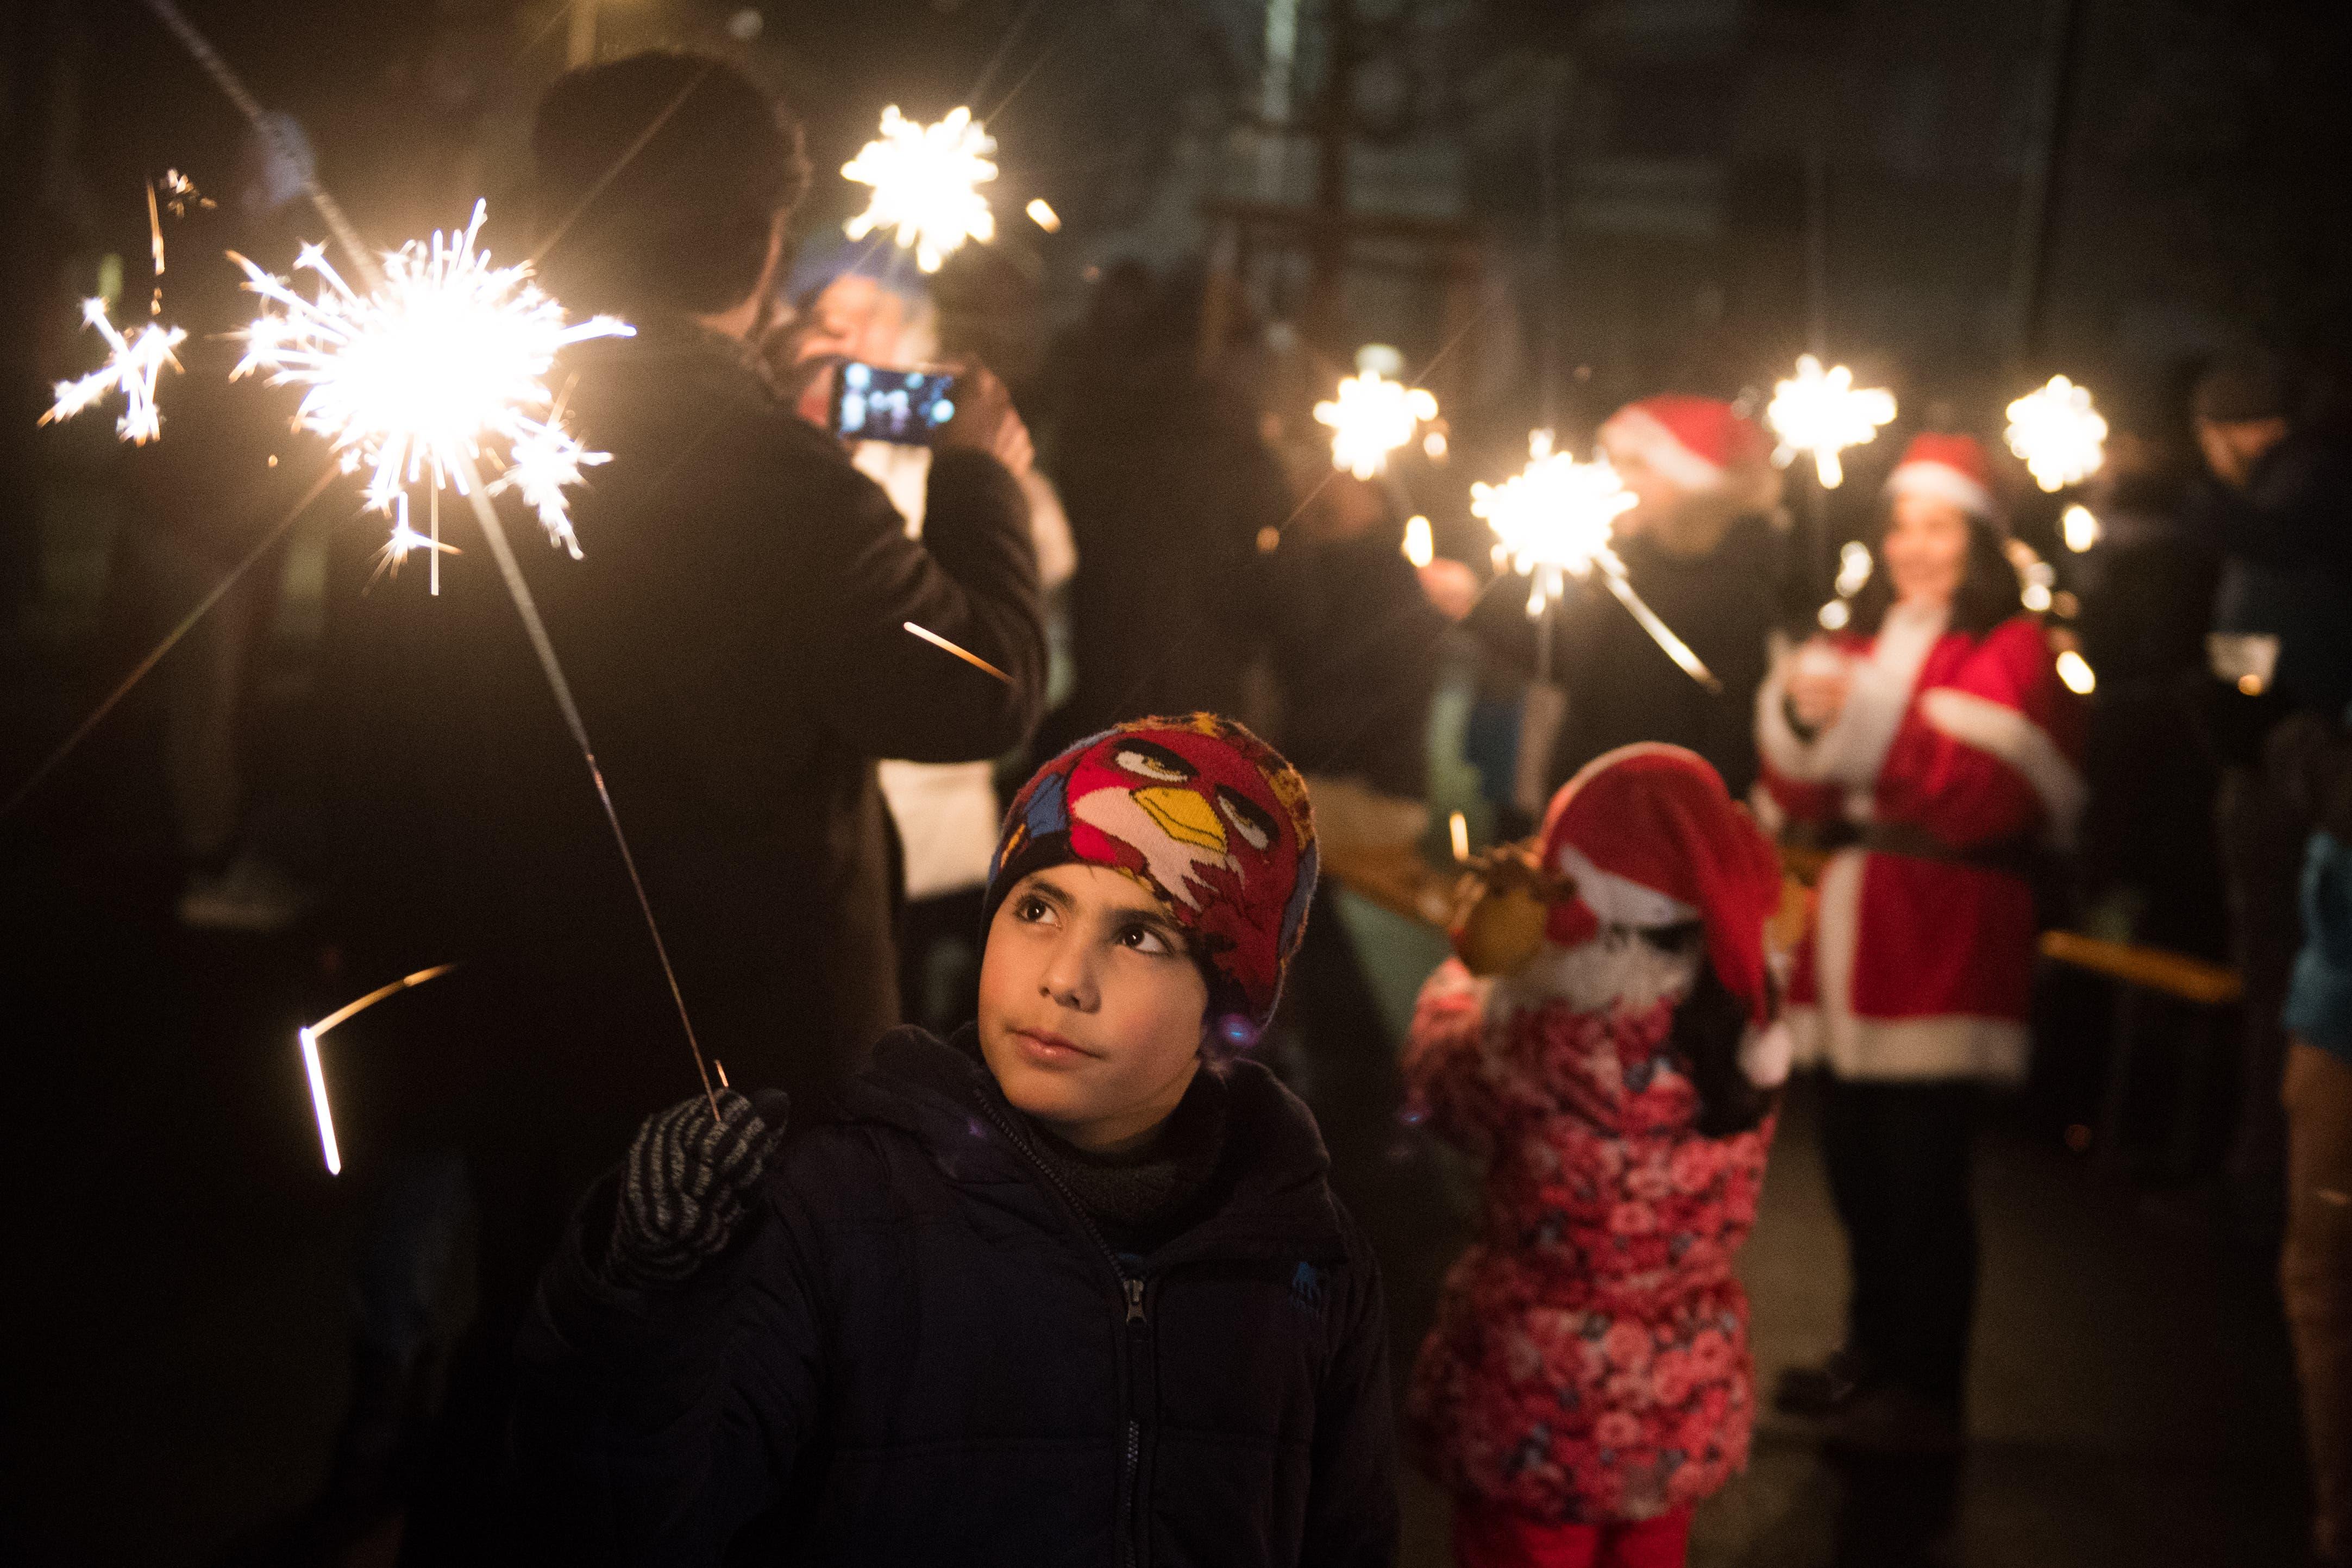 Gut 300 Personen waren am Fest anwesend. (Bild: Boris Bürgisser, Kriens, 31. Dezember 2018)